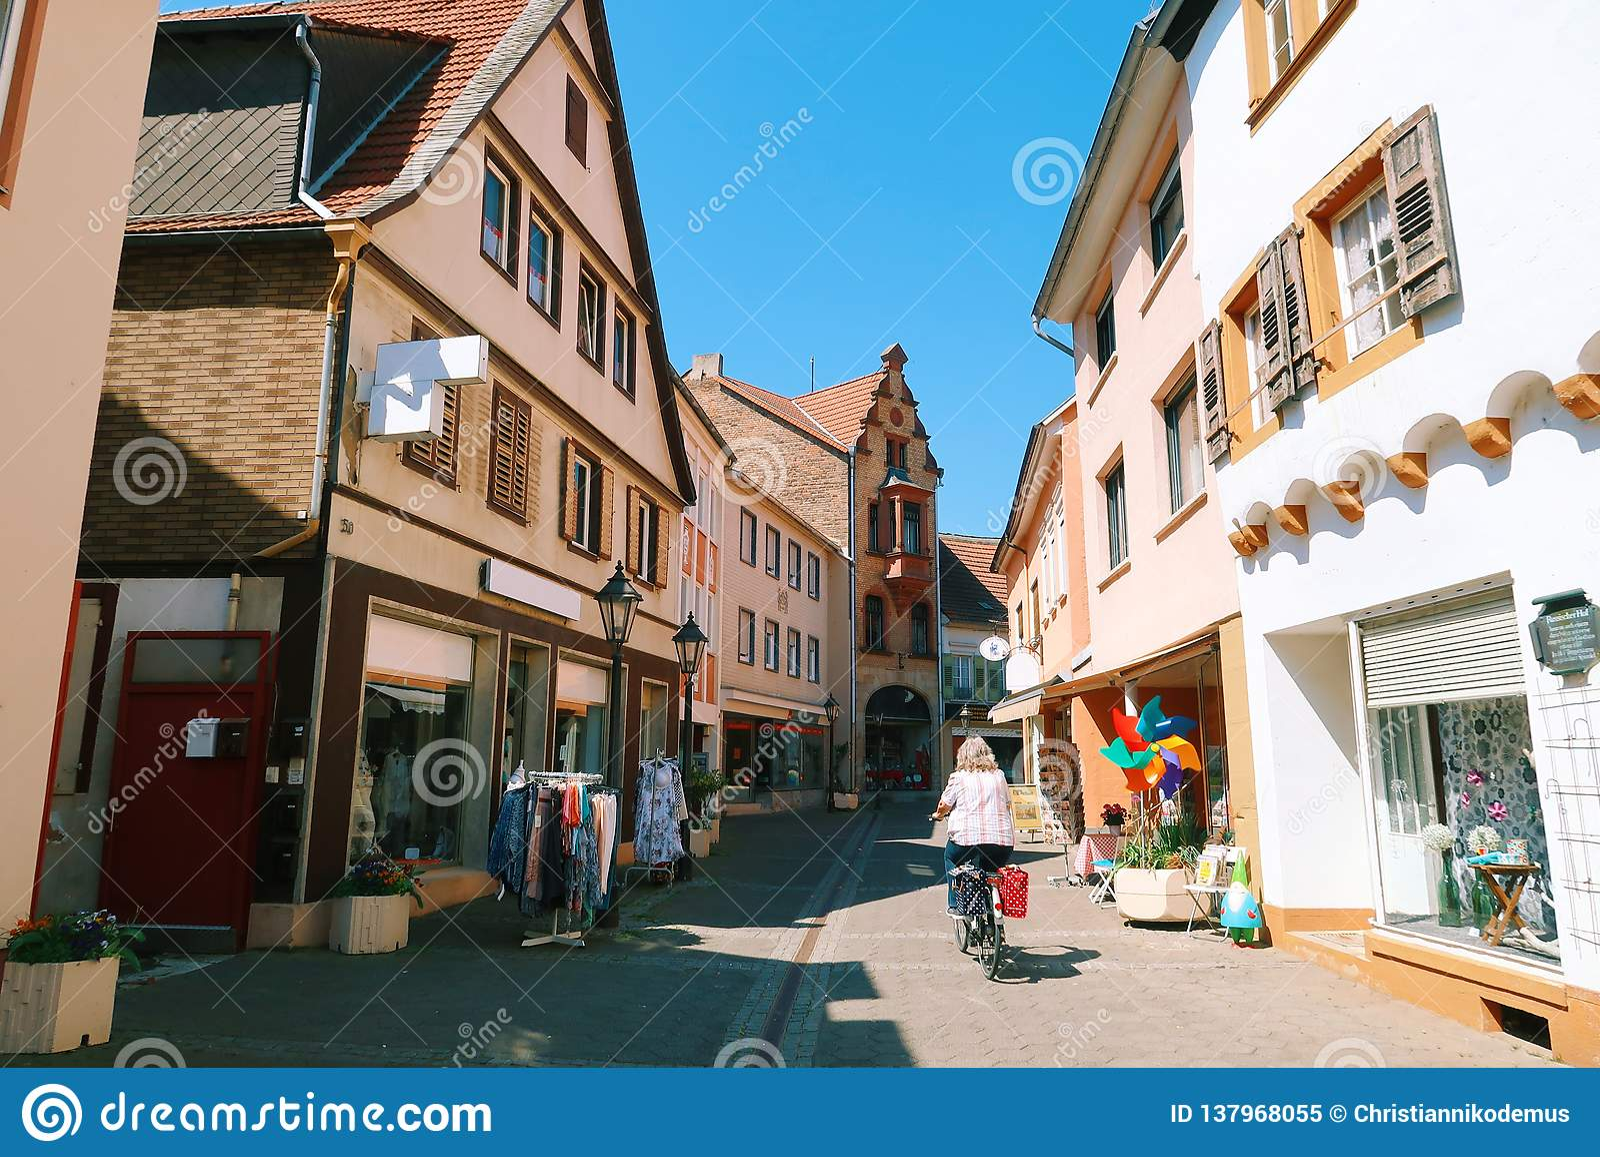 Kopfstein-Straßen in Deutschland